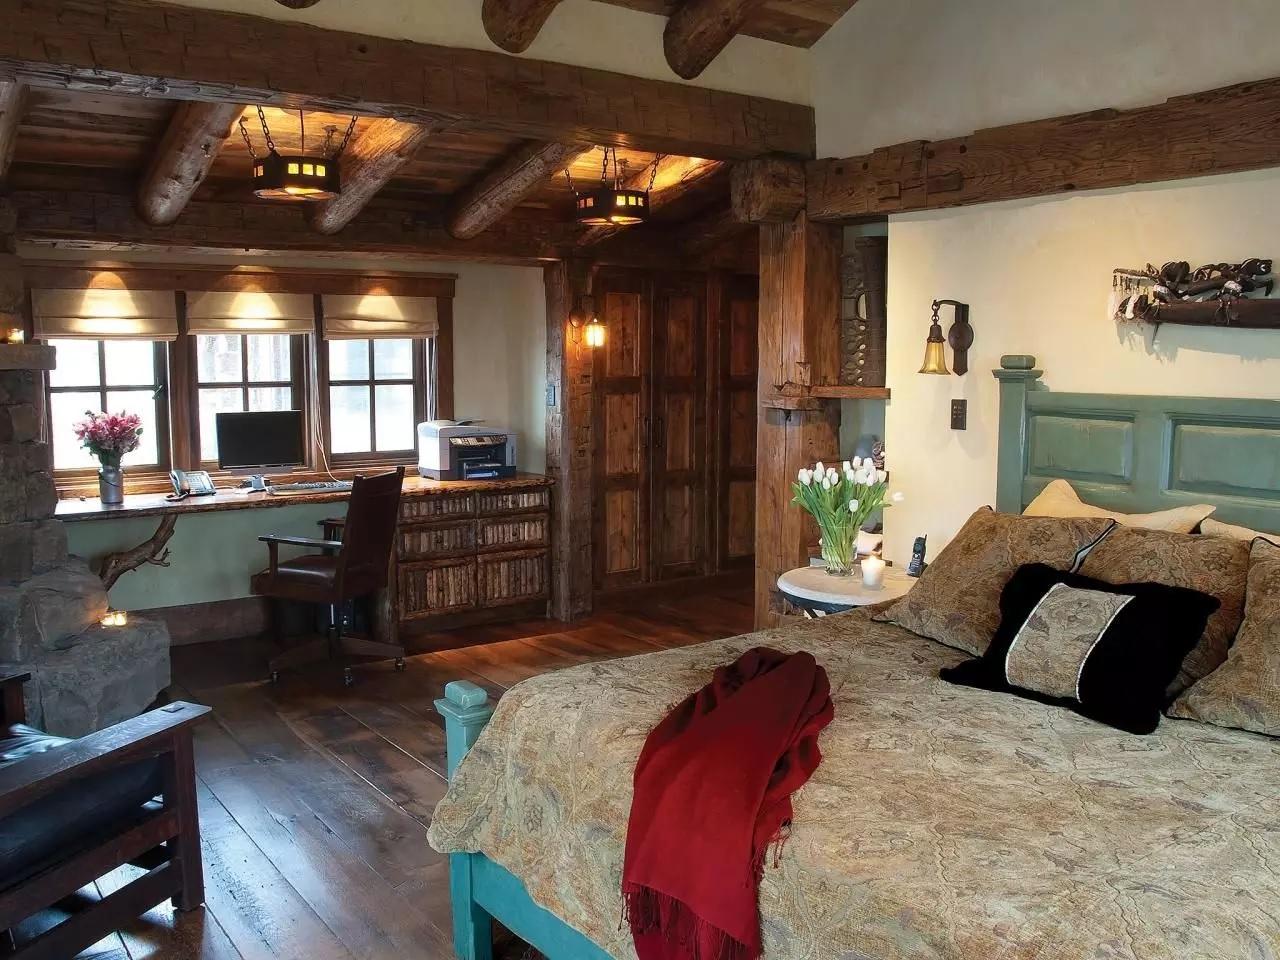 Décorer des chambres dans une maison en bois